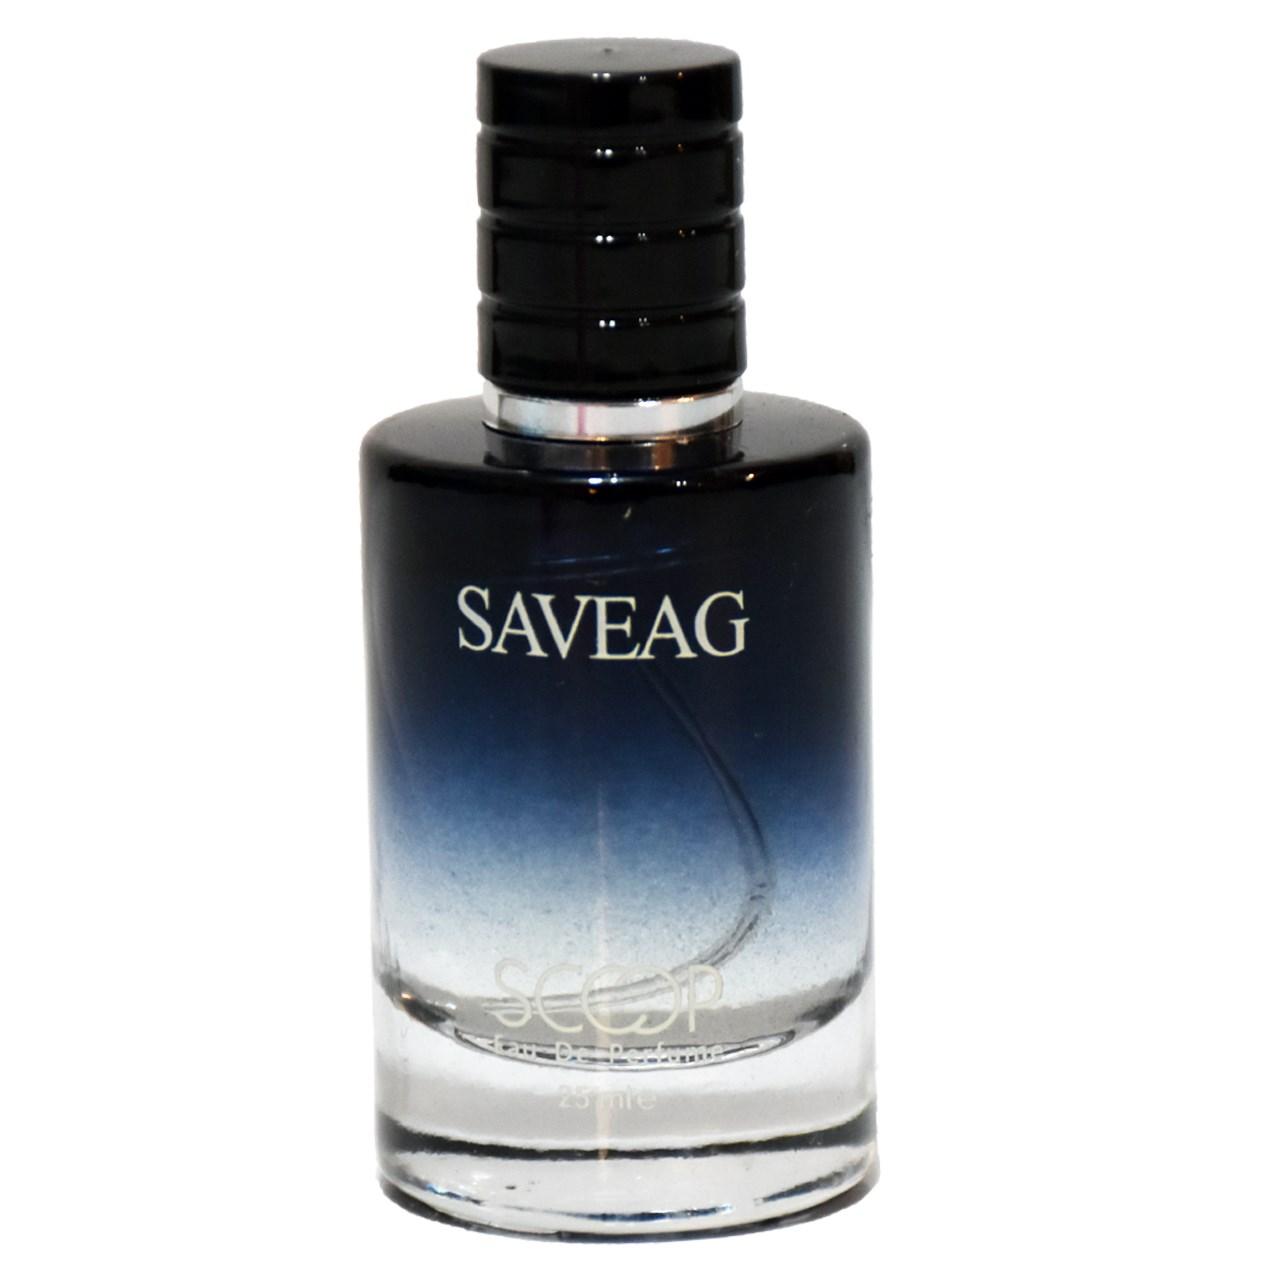 عطر جیبی مردانه اسکوپ مدل Saveag حجم 25 میلی لیتر